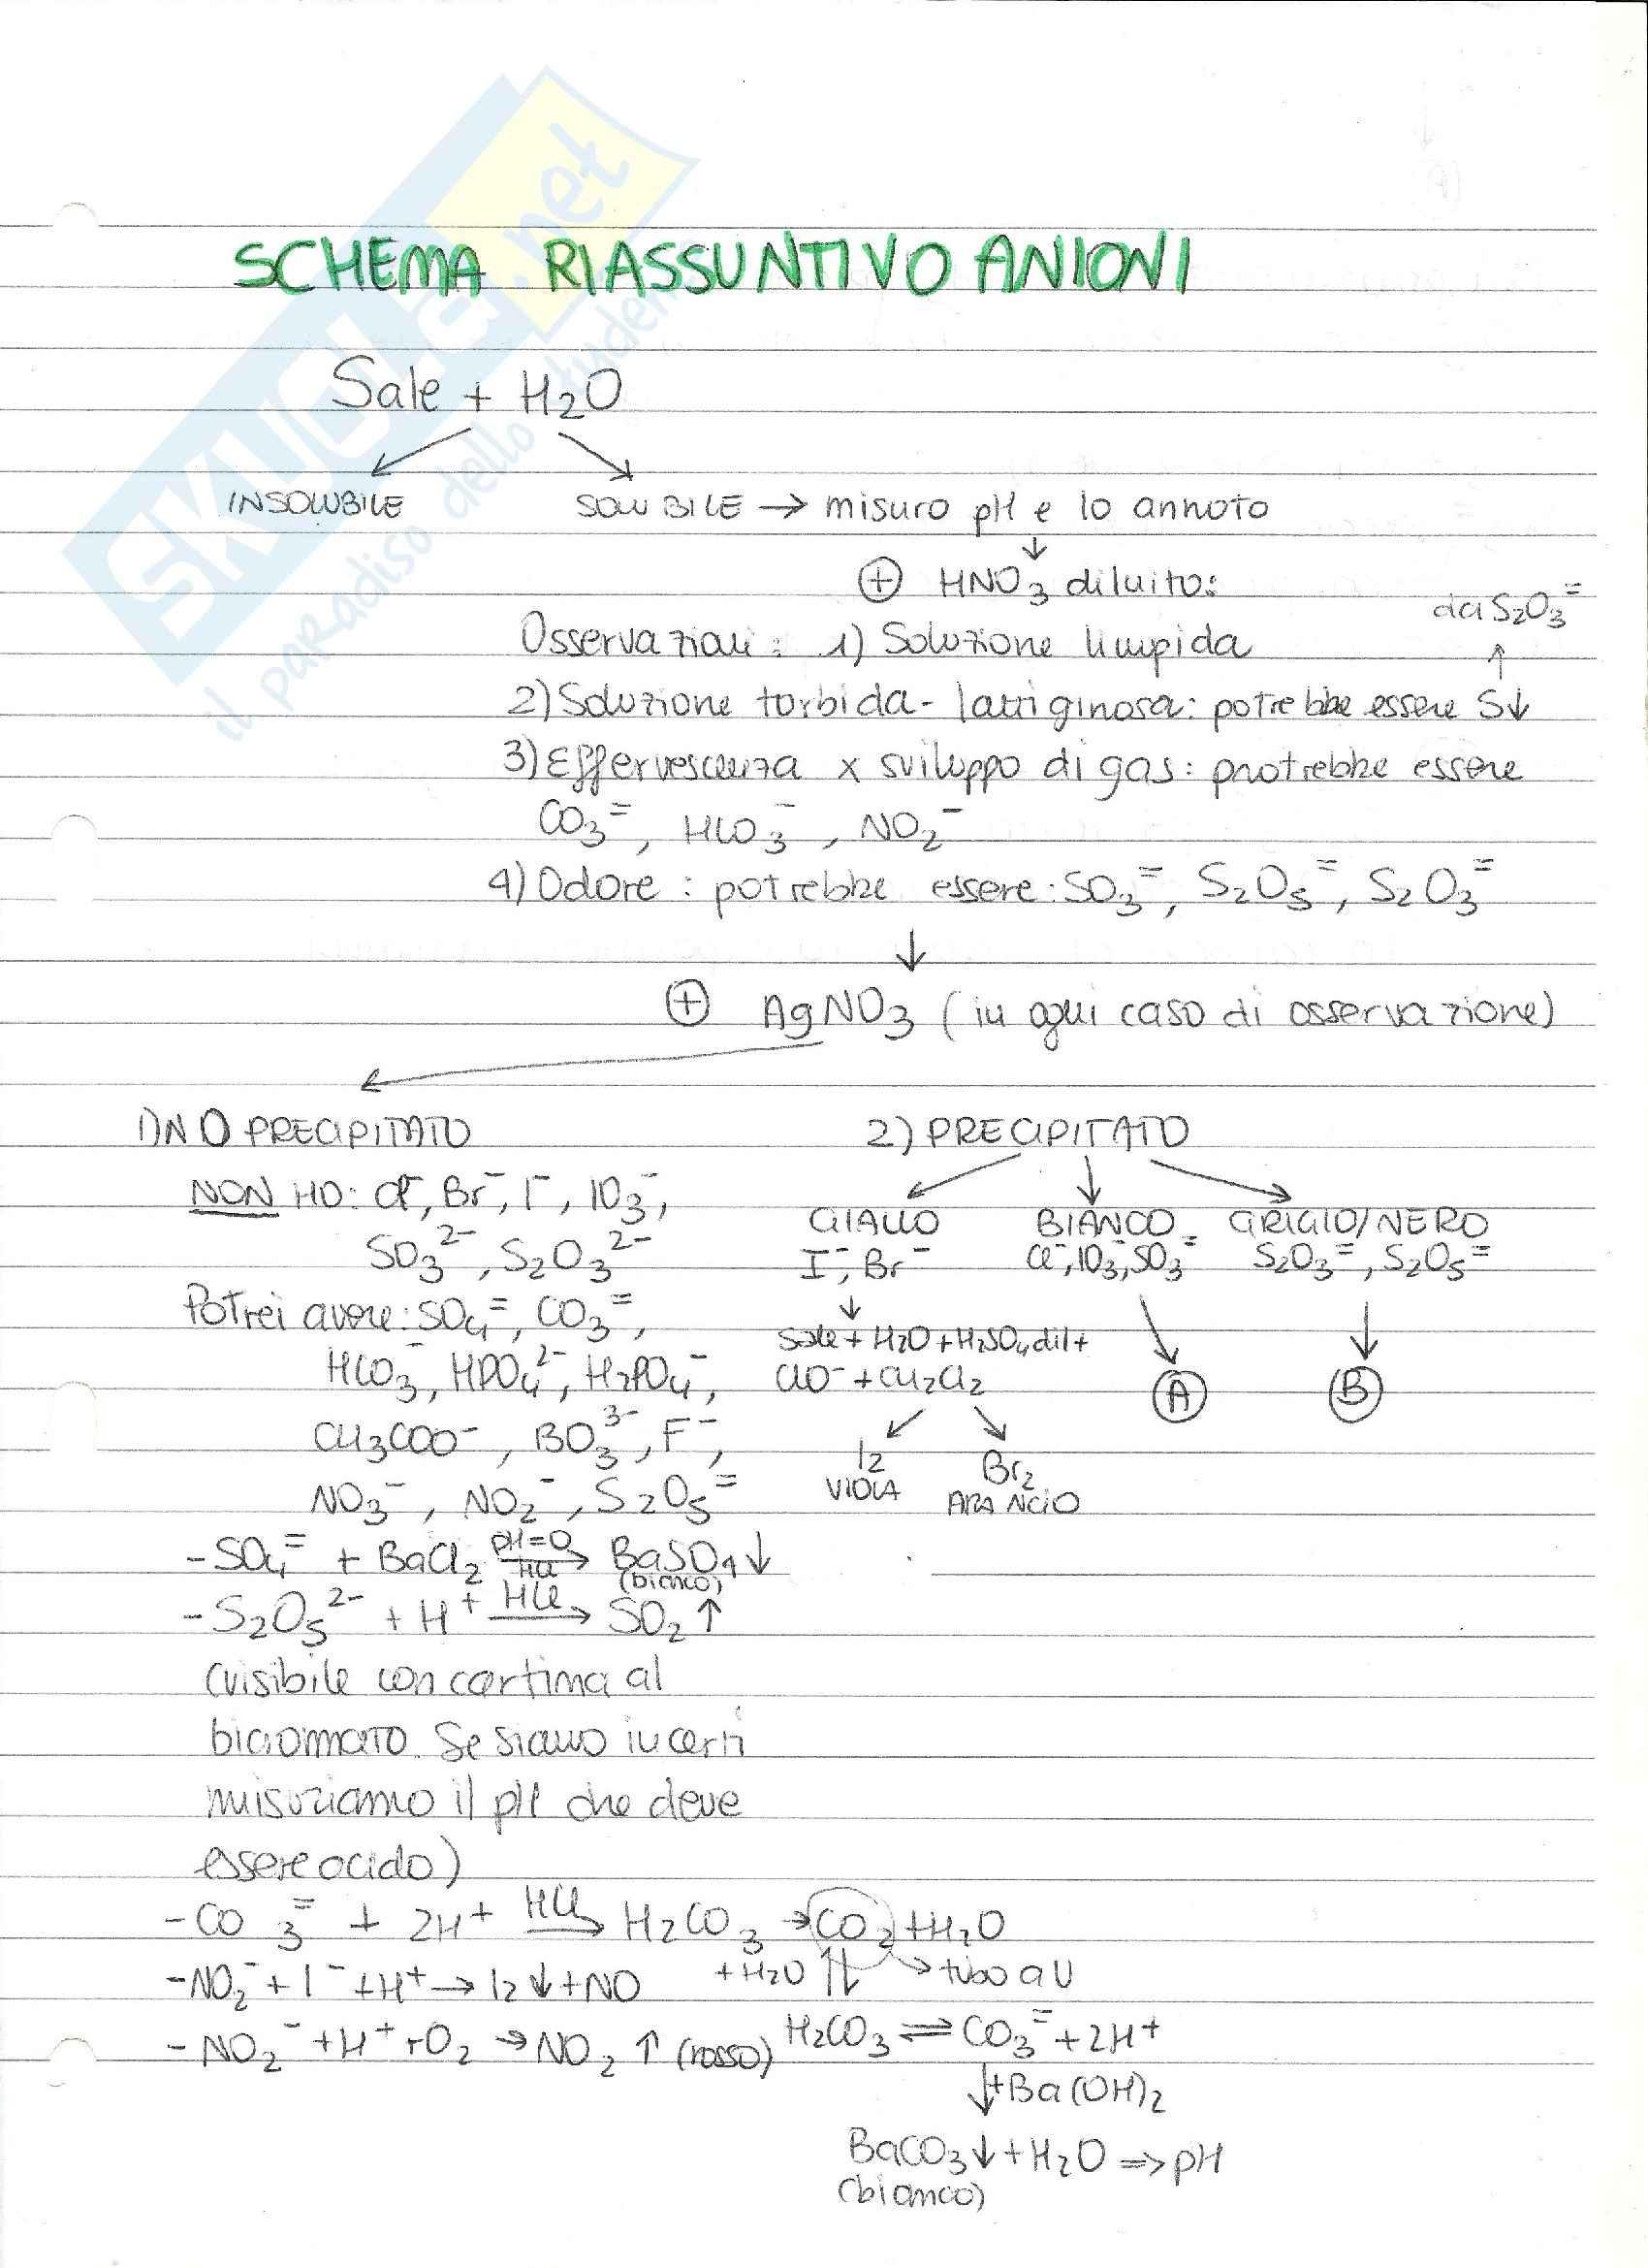 Schema riconoscimento anioni-cationi, Analisi